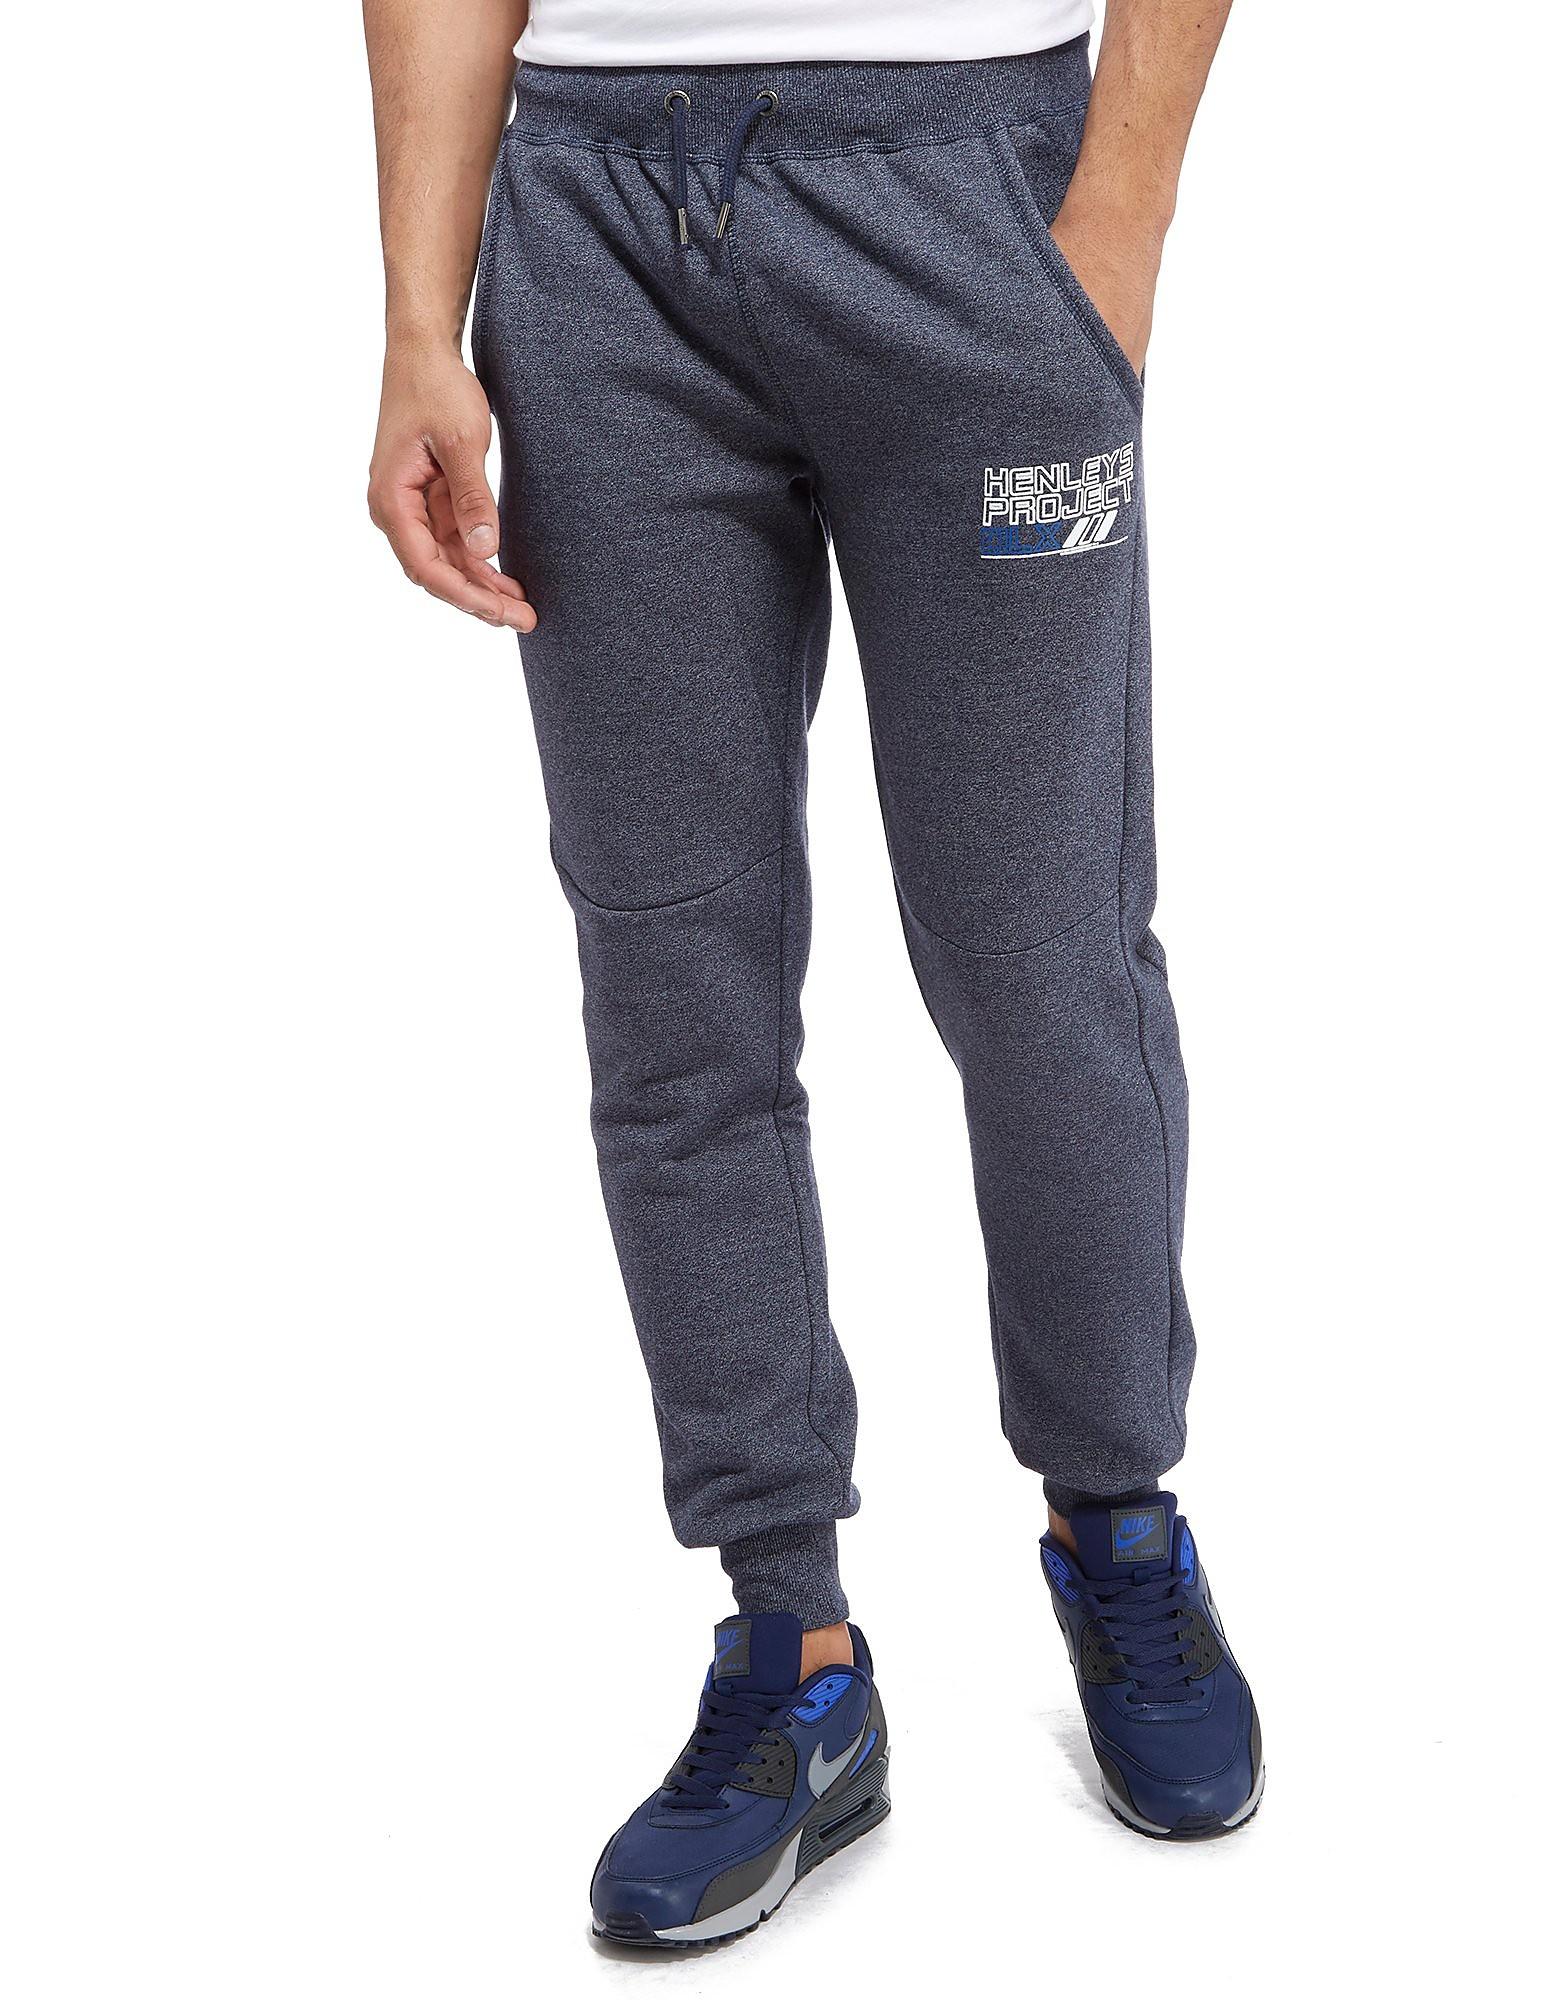 Henleys Defence Fleece Pants